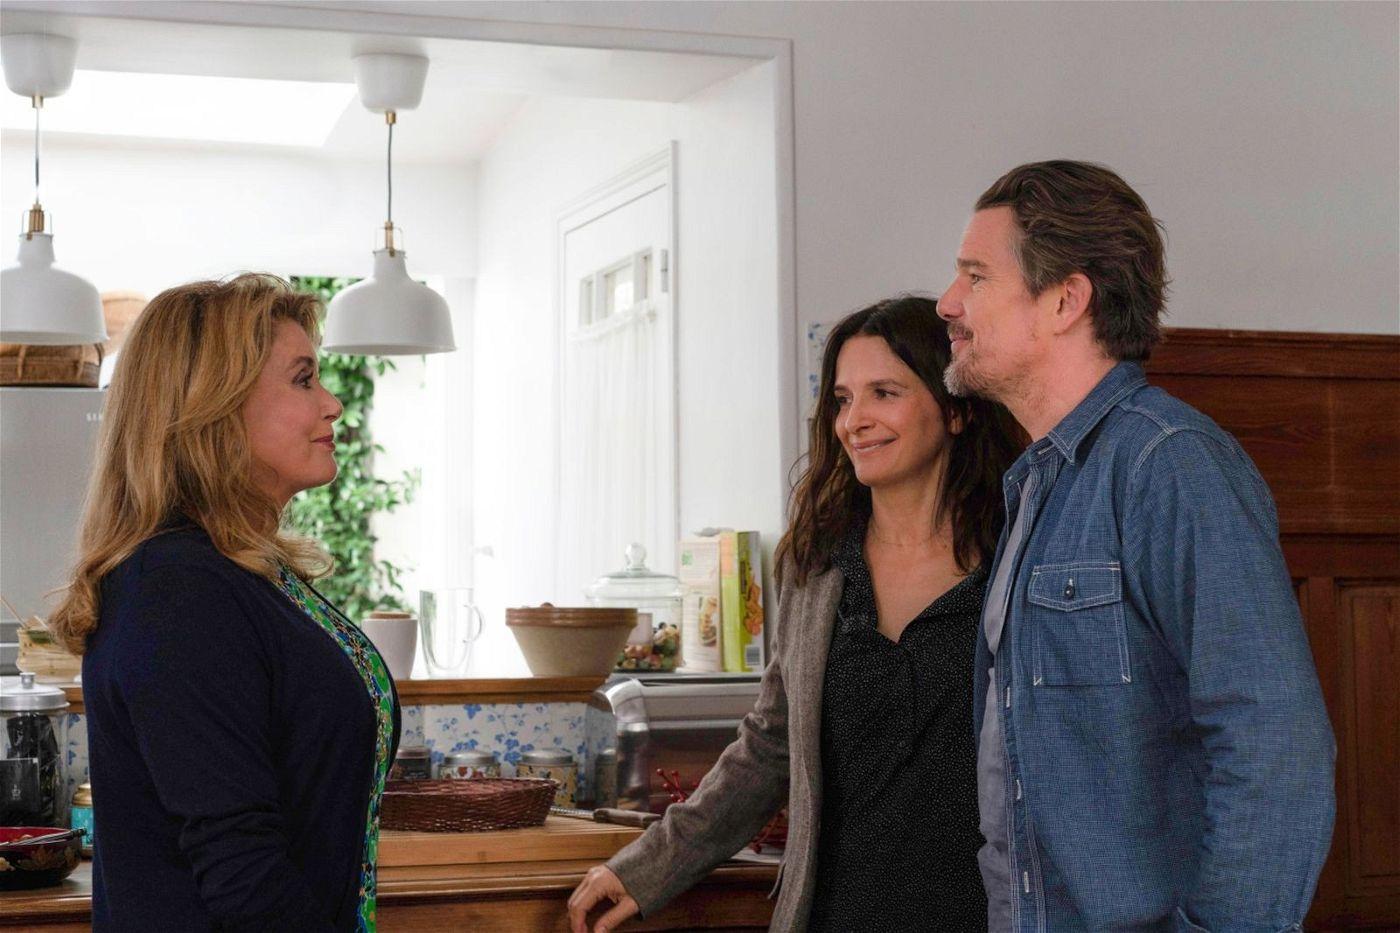 Man sieht es ihr nicht an. Aber Lumir (Juliette Binoche), die mit ihrem Mann Hank (Ethan Hawke) aus New York zu Besuch ist, schäumt innerlich vor Wut, weil ihre Mutter Fabienne (Catherine Deneuve, links) in ihren Memoiren nur Lügen und Unwahrheiten verbreitet.